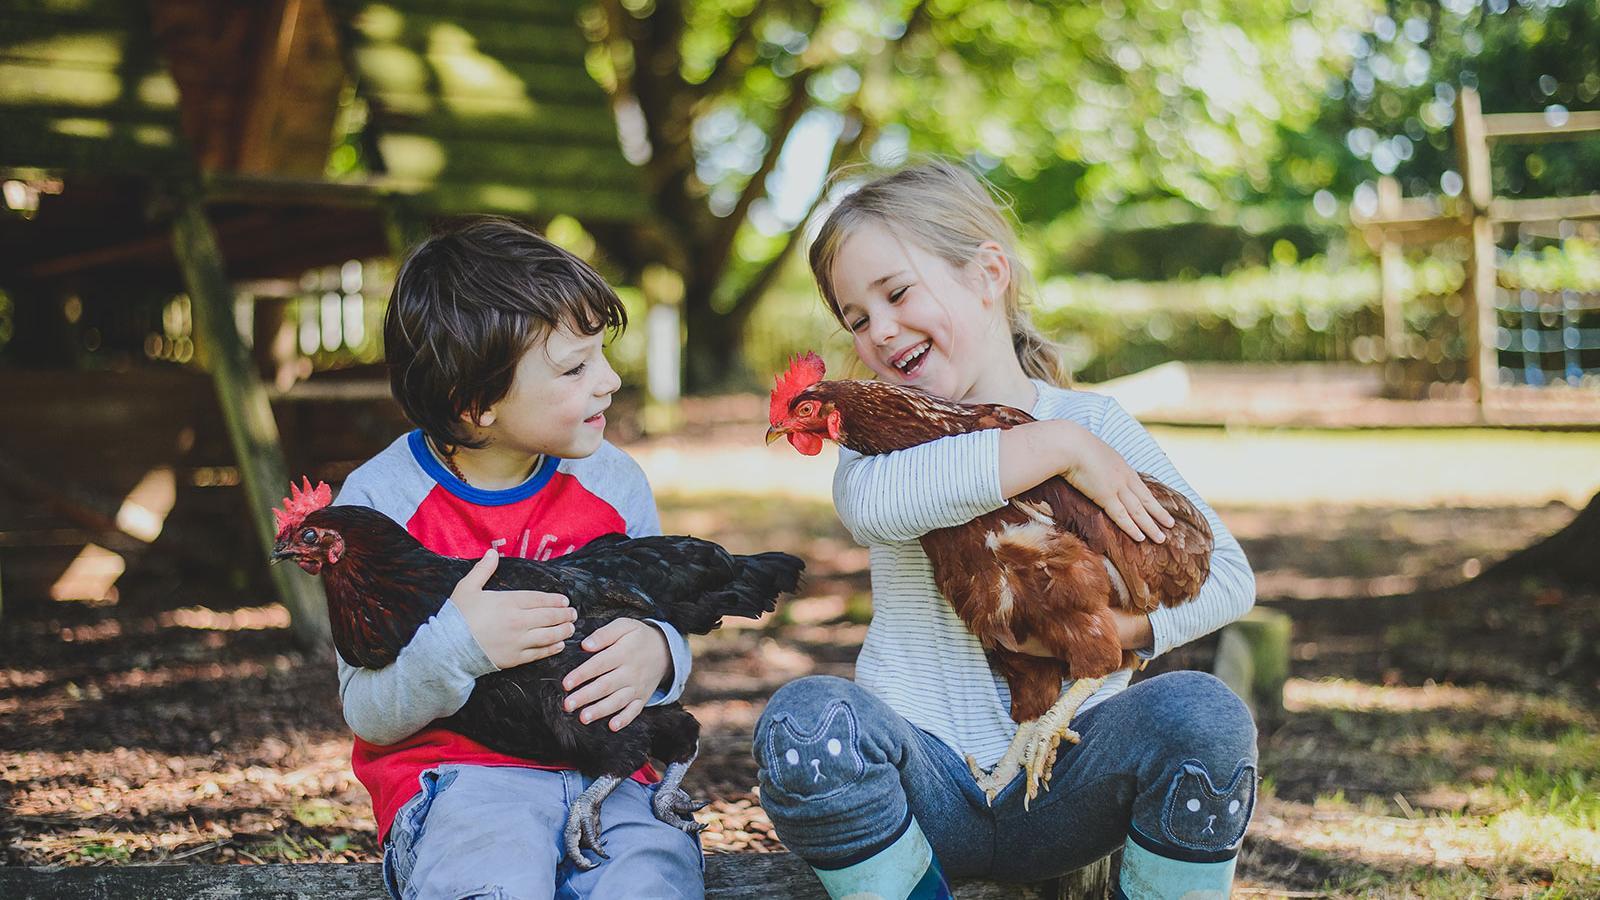 Dunannie children holding chickens outdoors